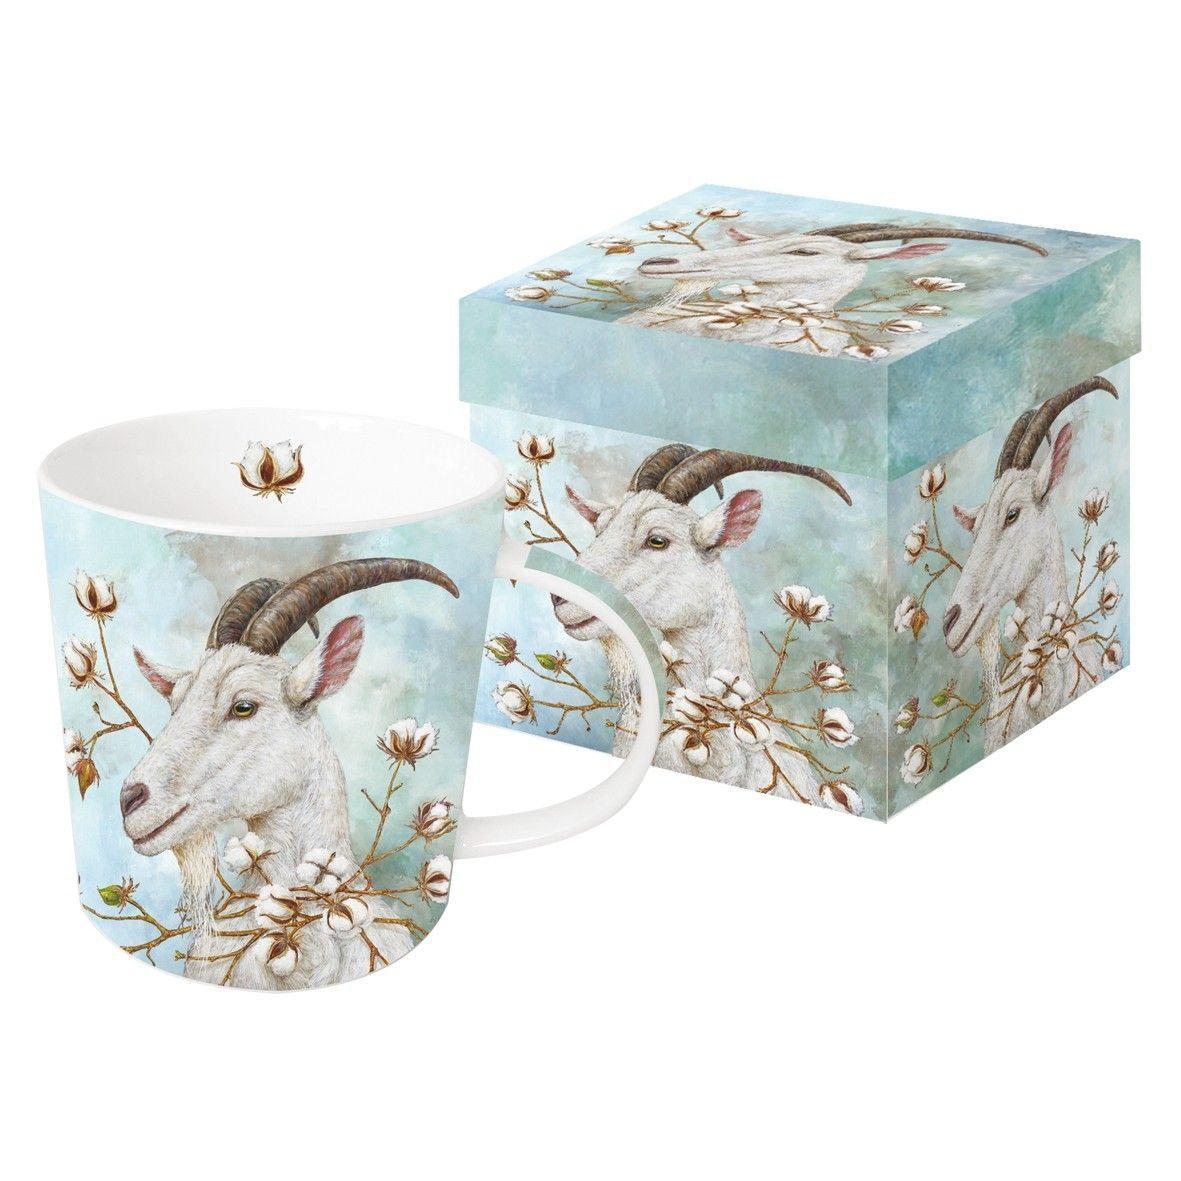 Porcelaine Ml 5 The Cotton King 350 Cm MugTasse Ambiente 9 eWodCxBr